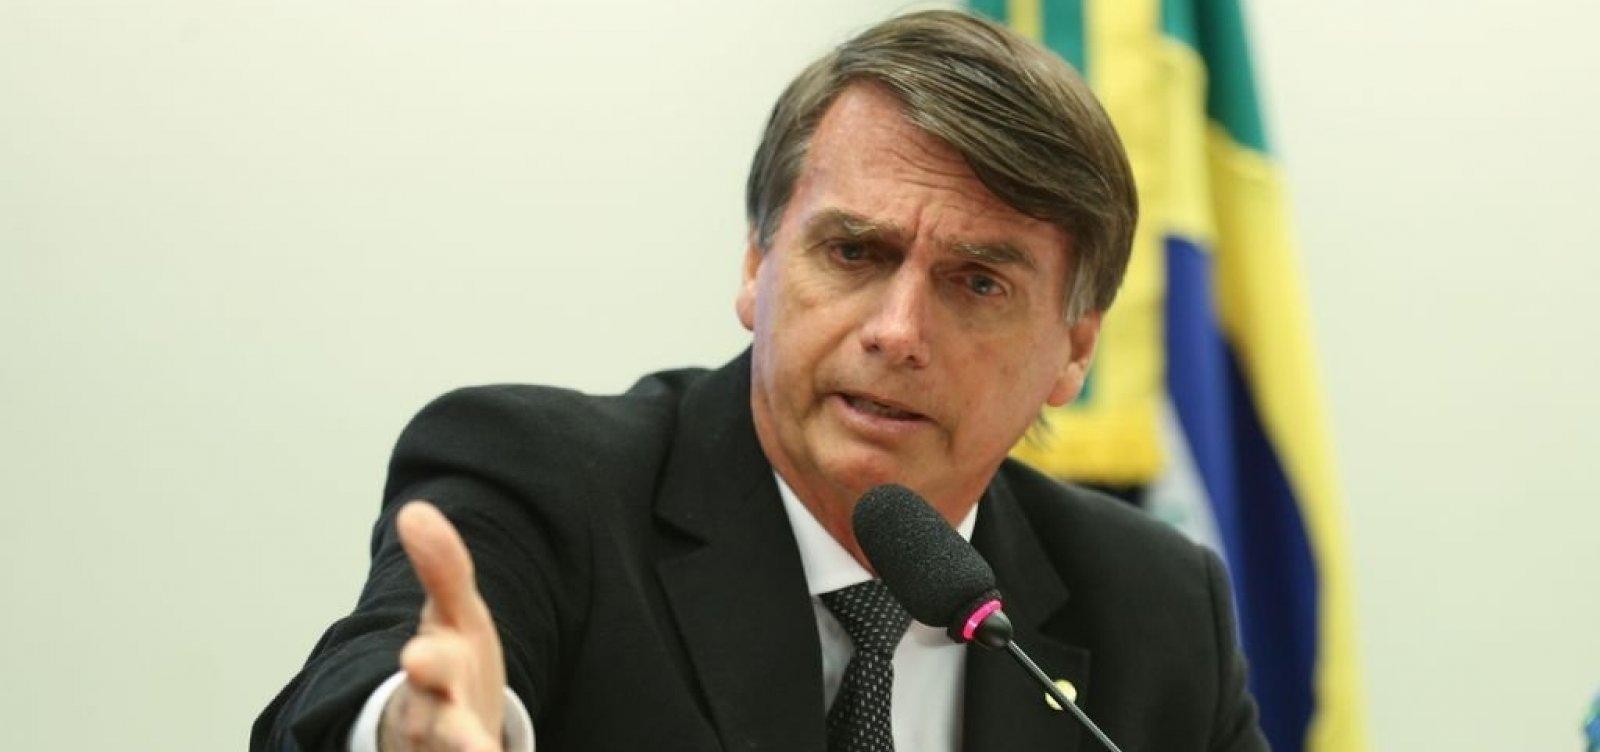 Bolsonaro provoca Haddad: 'Sua hora vai chegar, marmita de corrupto preso'